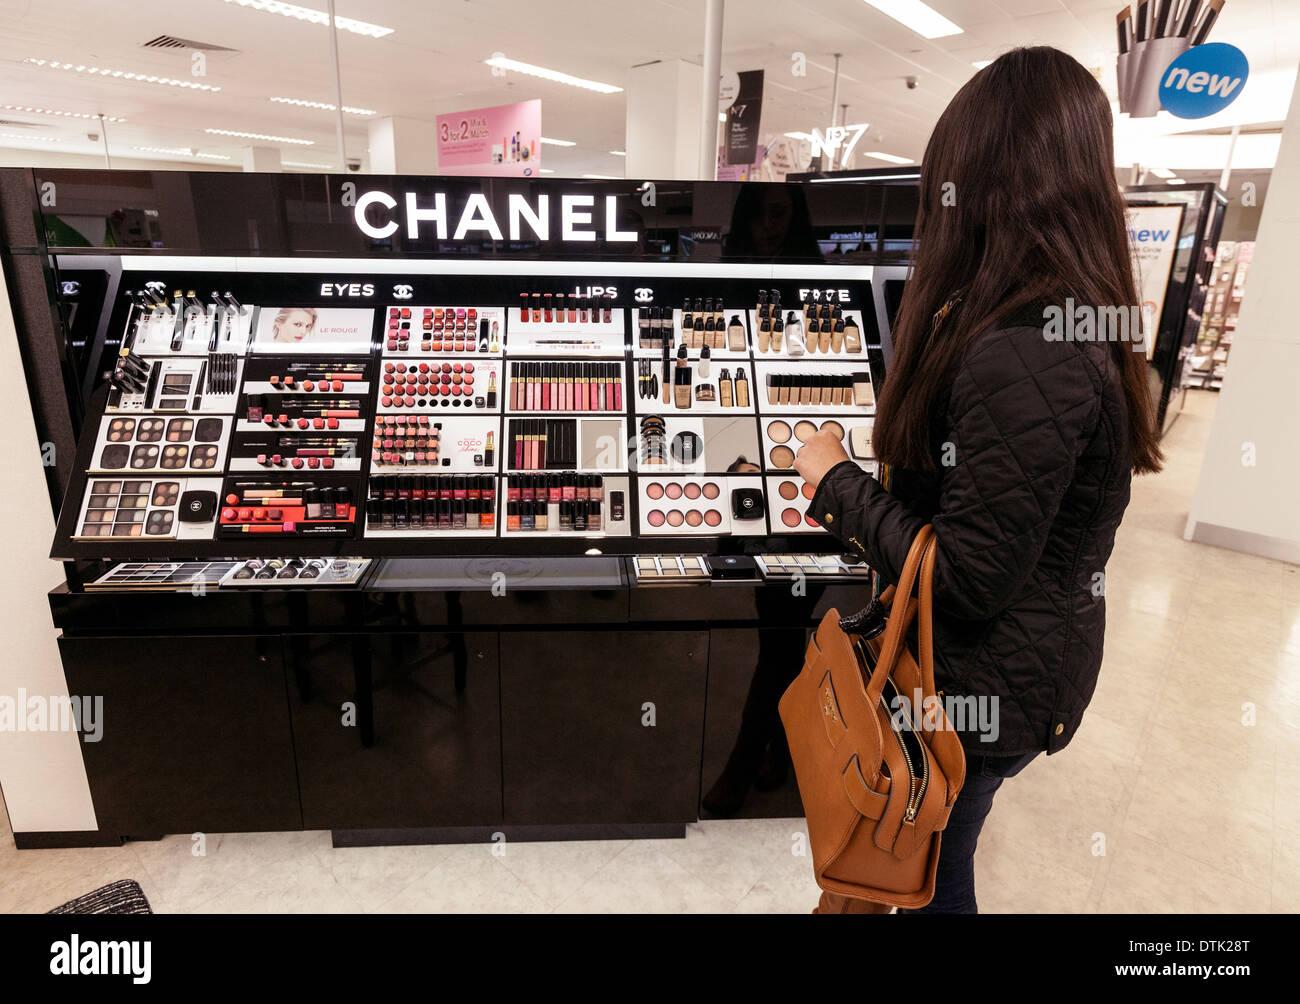 Eine junge Frau einkaufen und kaufen Chanel Kosmetik, Stiefel, Cambridge UK Stockbild